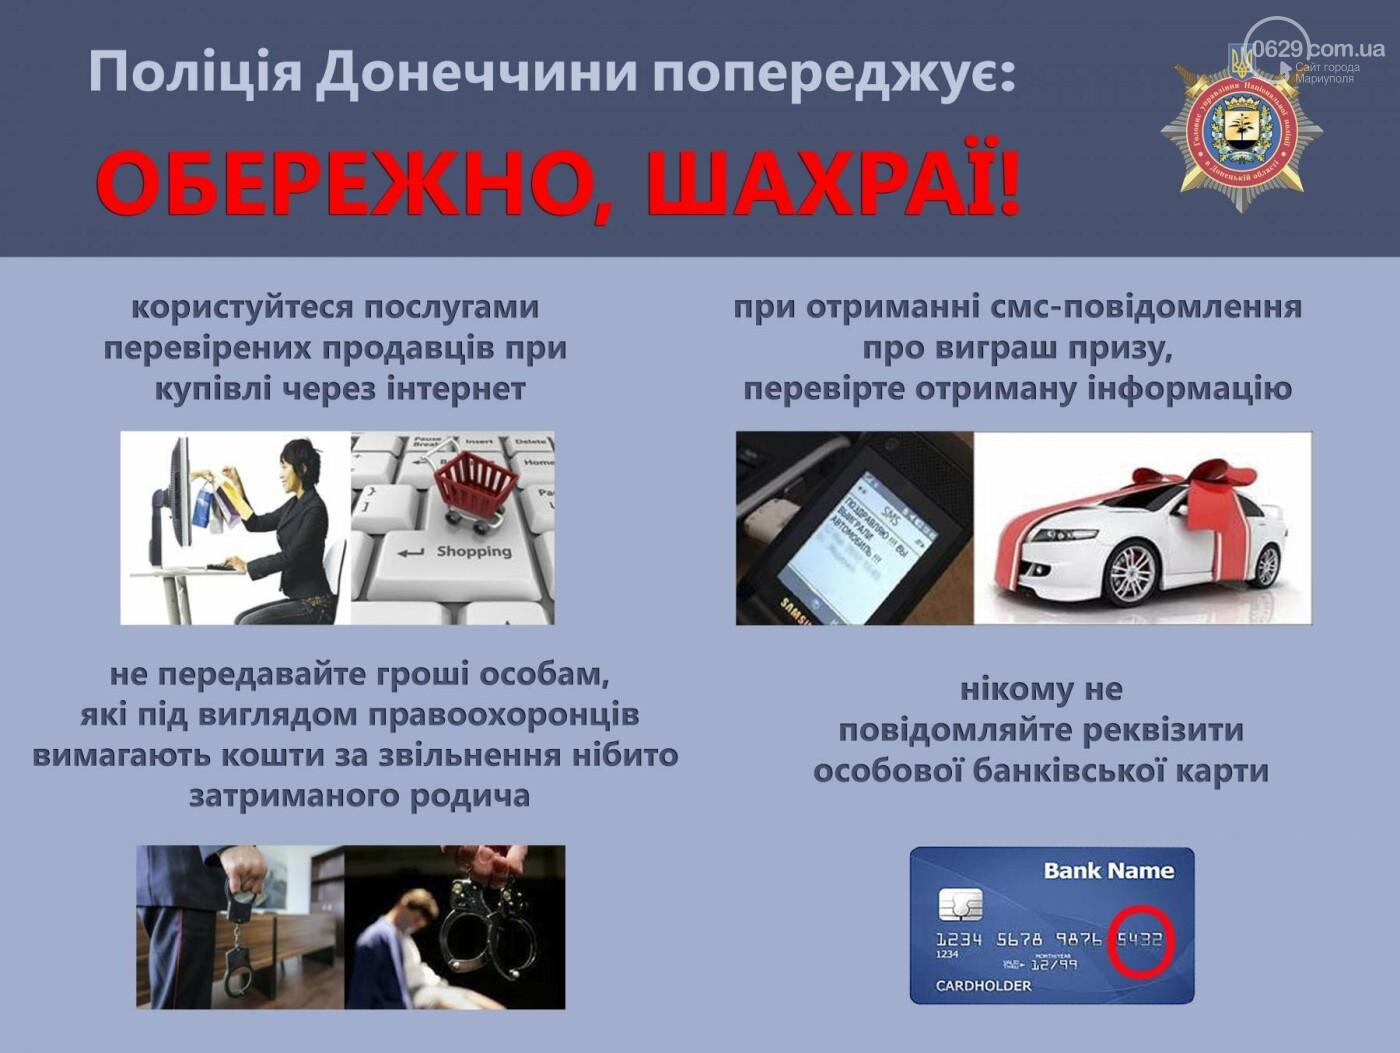 """Мариупольский пенсионер отдал мошенникам 53 тысячи гривен за """"спасение"""" сына, фото-1"""